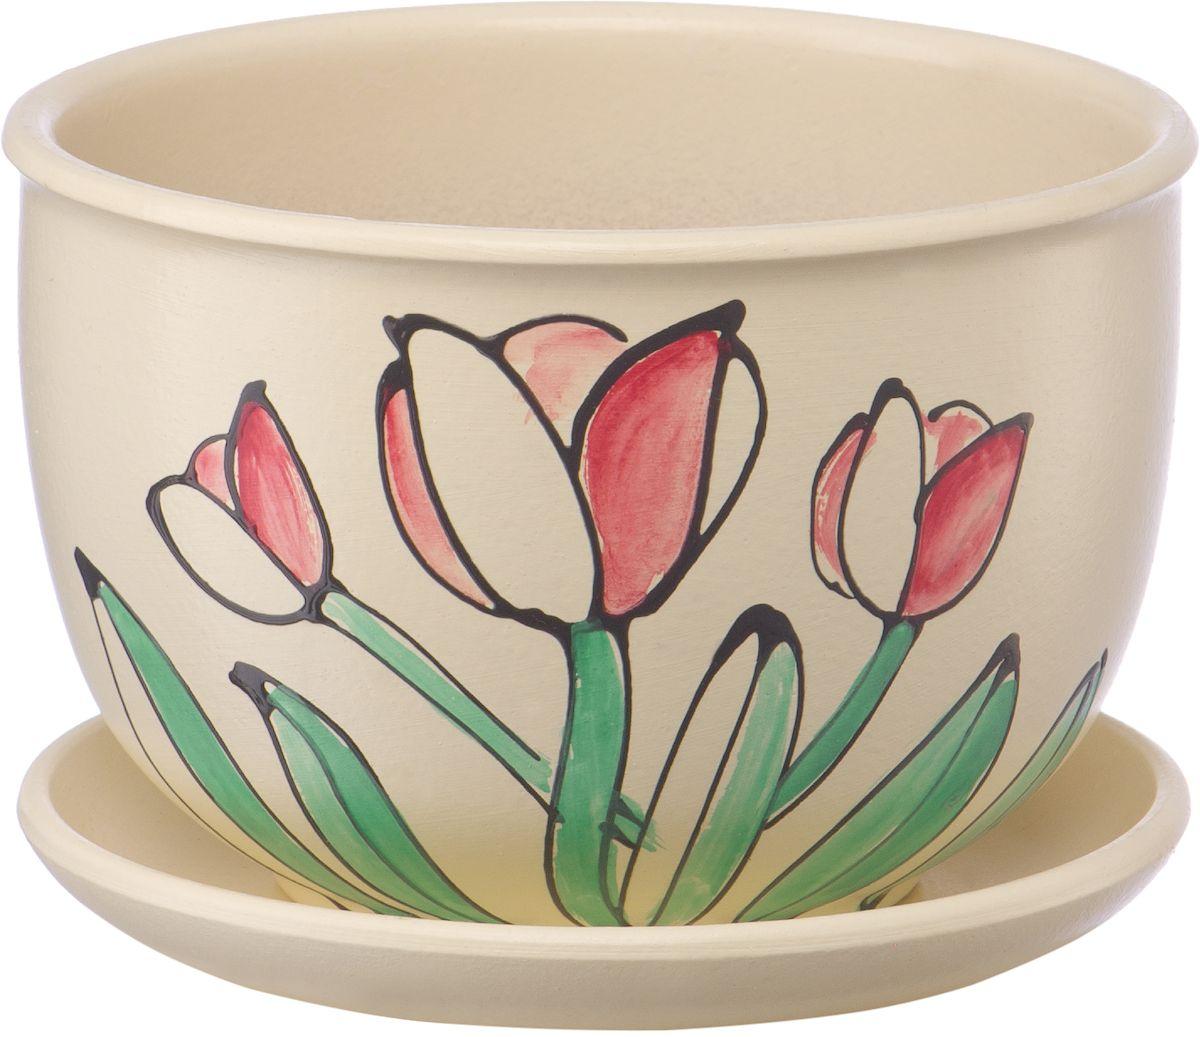 Горшок цветочный Engard, с поддоном, 0,5 л. BH-12-8BH-12-8Керамический горшок Engard - это идеальное решение для выращивания комнатных растений и создания изысканности в интерьере. Керамический горшок сделан из высококачественной глины в классической форме и оригинальном дизайне. Рекомендуем!